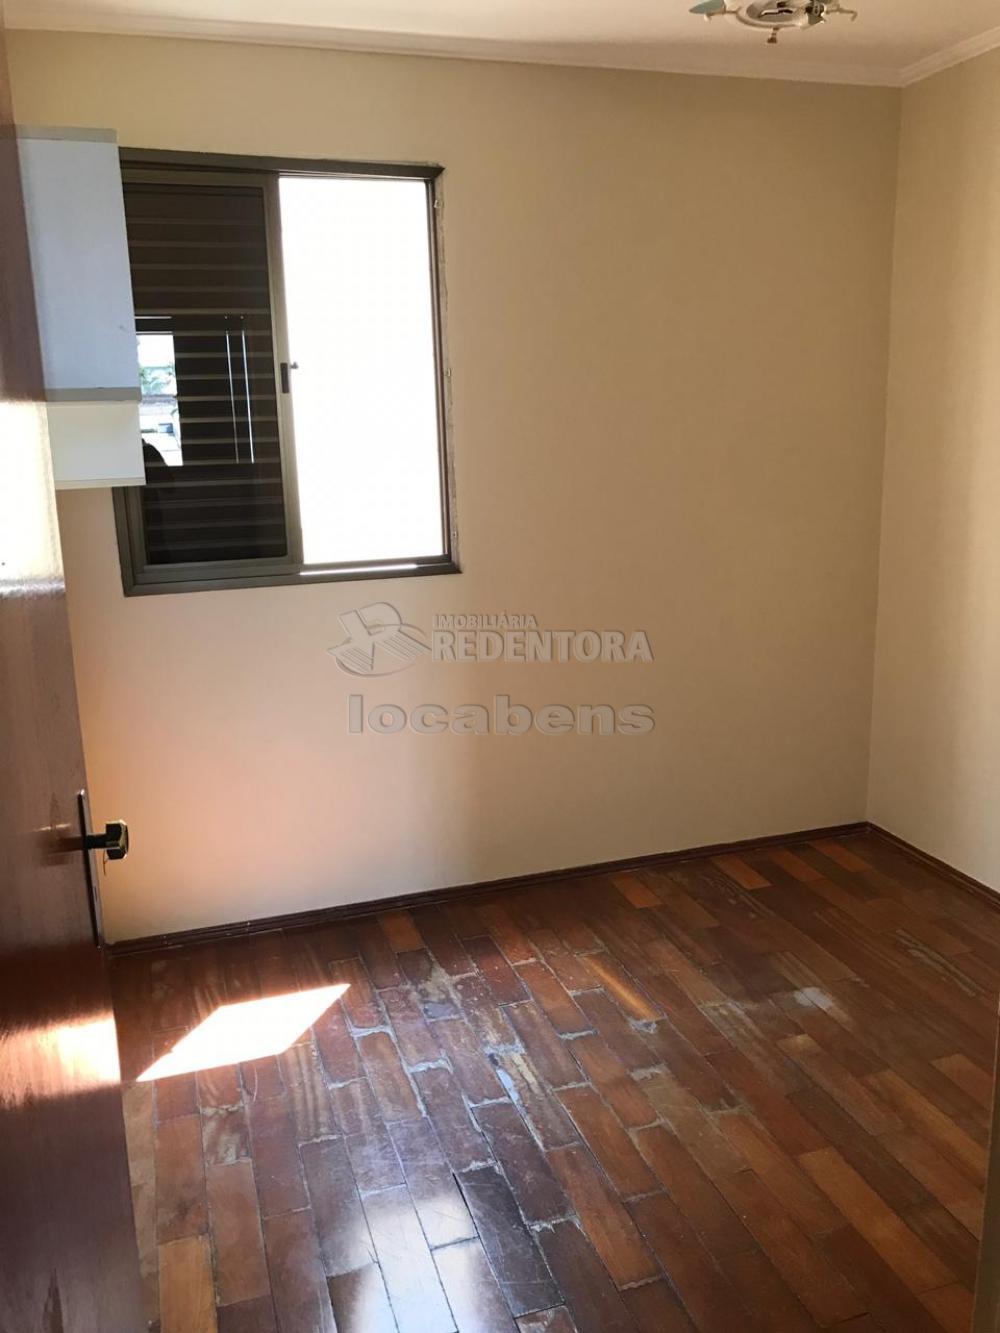 Comprar Apartamento / Padrão em São José do Rio Preto apenas R$ 290.000,00 - Foto 8